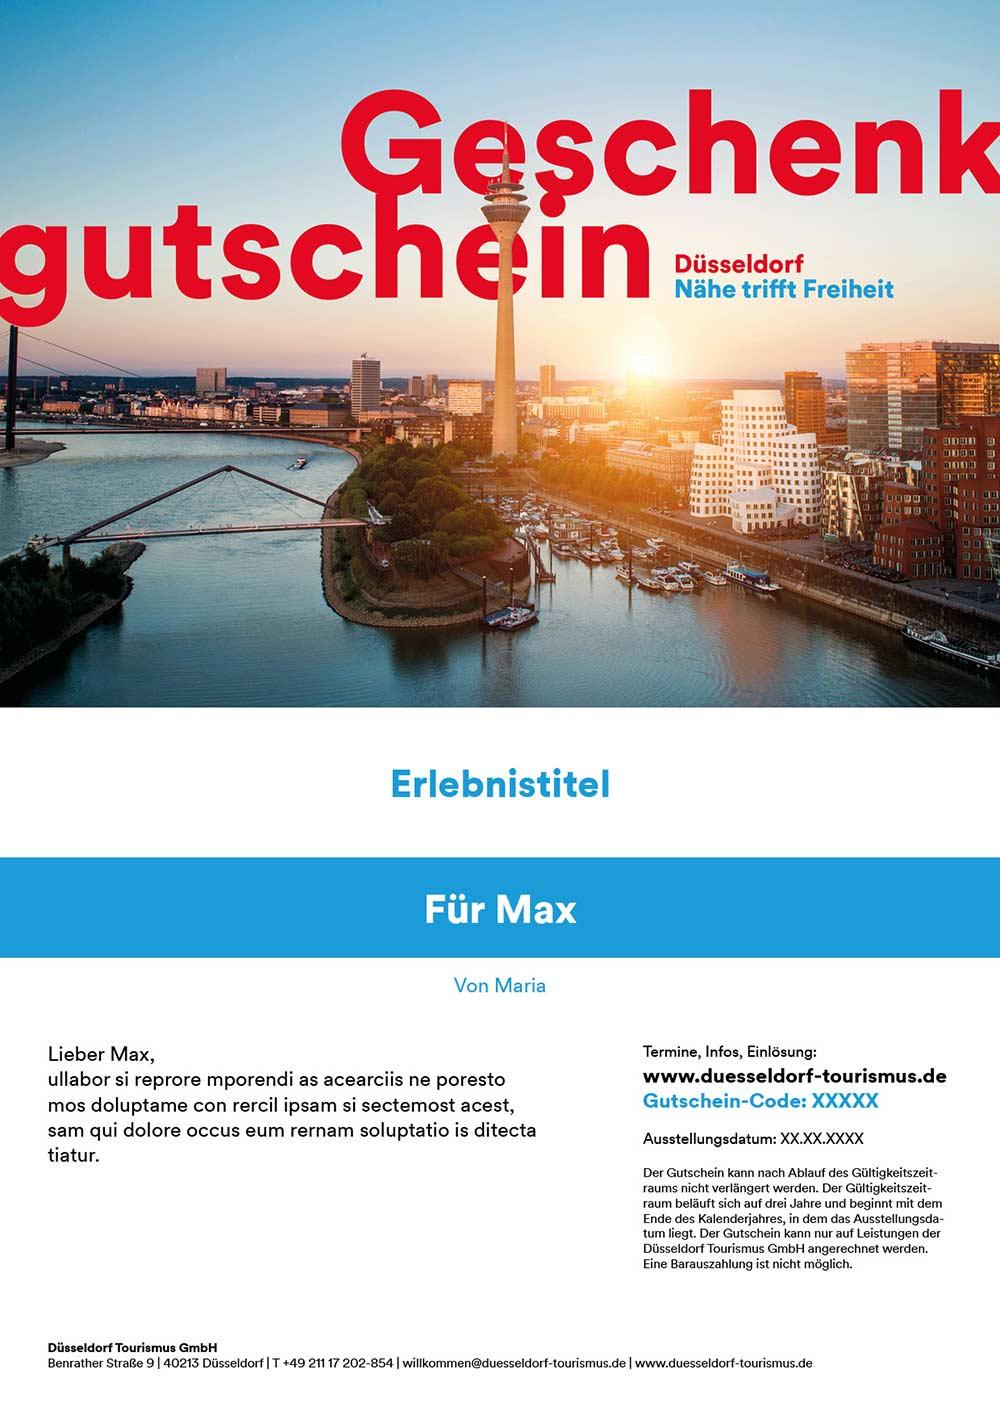 duesseldorf_geschenk-1: Allgemein